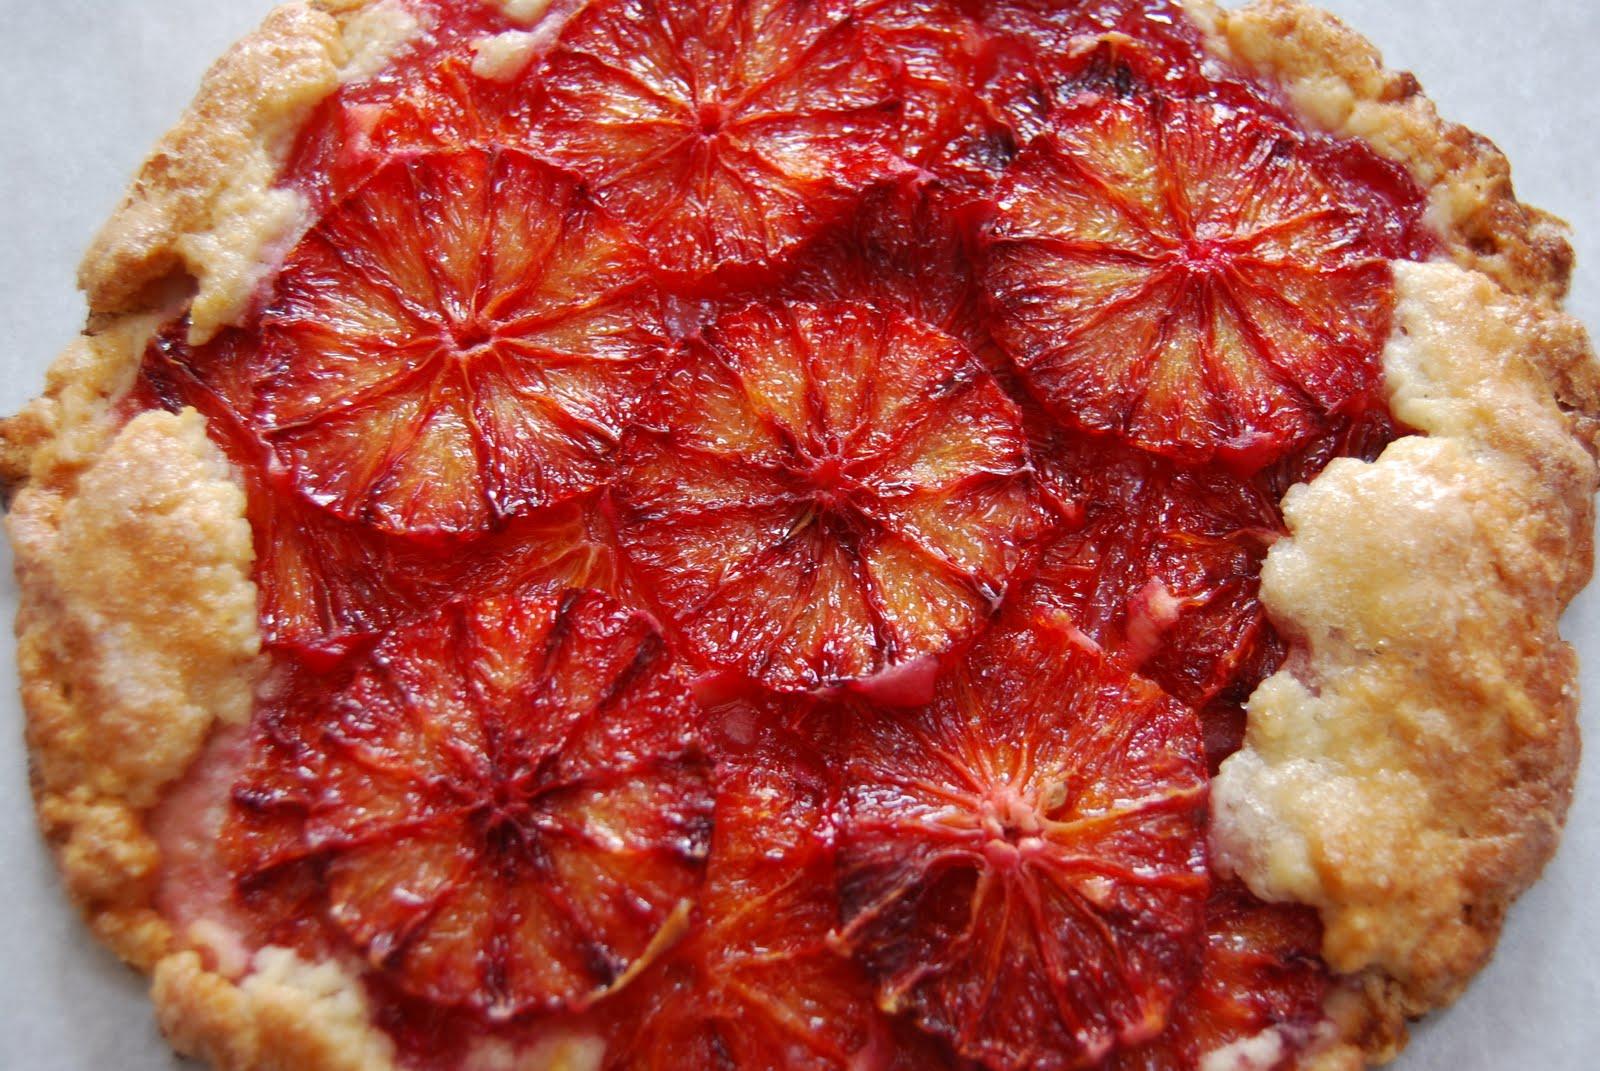 ... blood orange sherbet flaky blood orange tart flaky blood orange tart